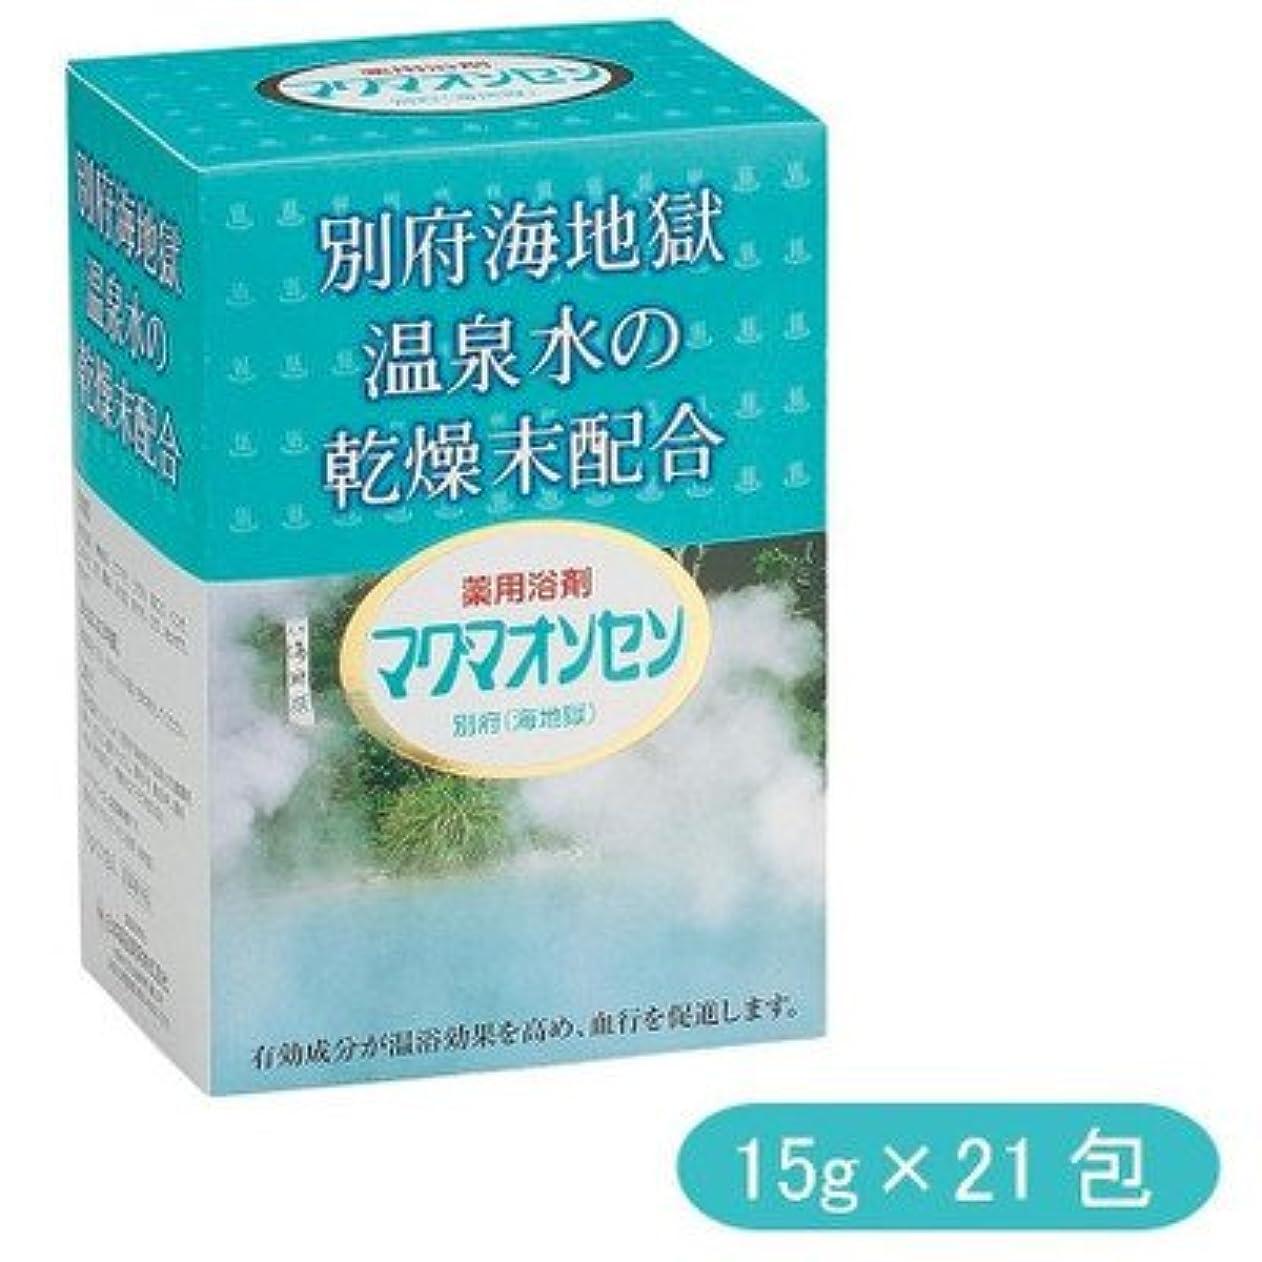 ジャベスウィルソン病蒸気日本薬品開発 医薬部外品 薬用入浴剤 マグマオンセン 15g×21P 800770